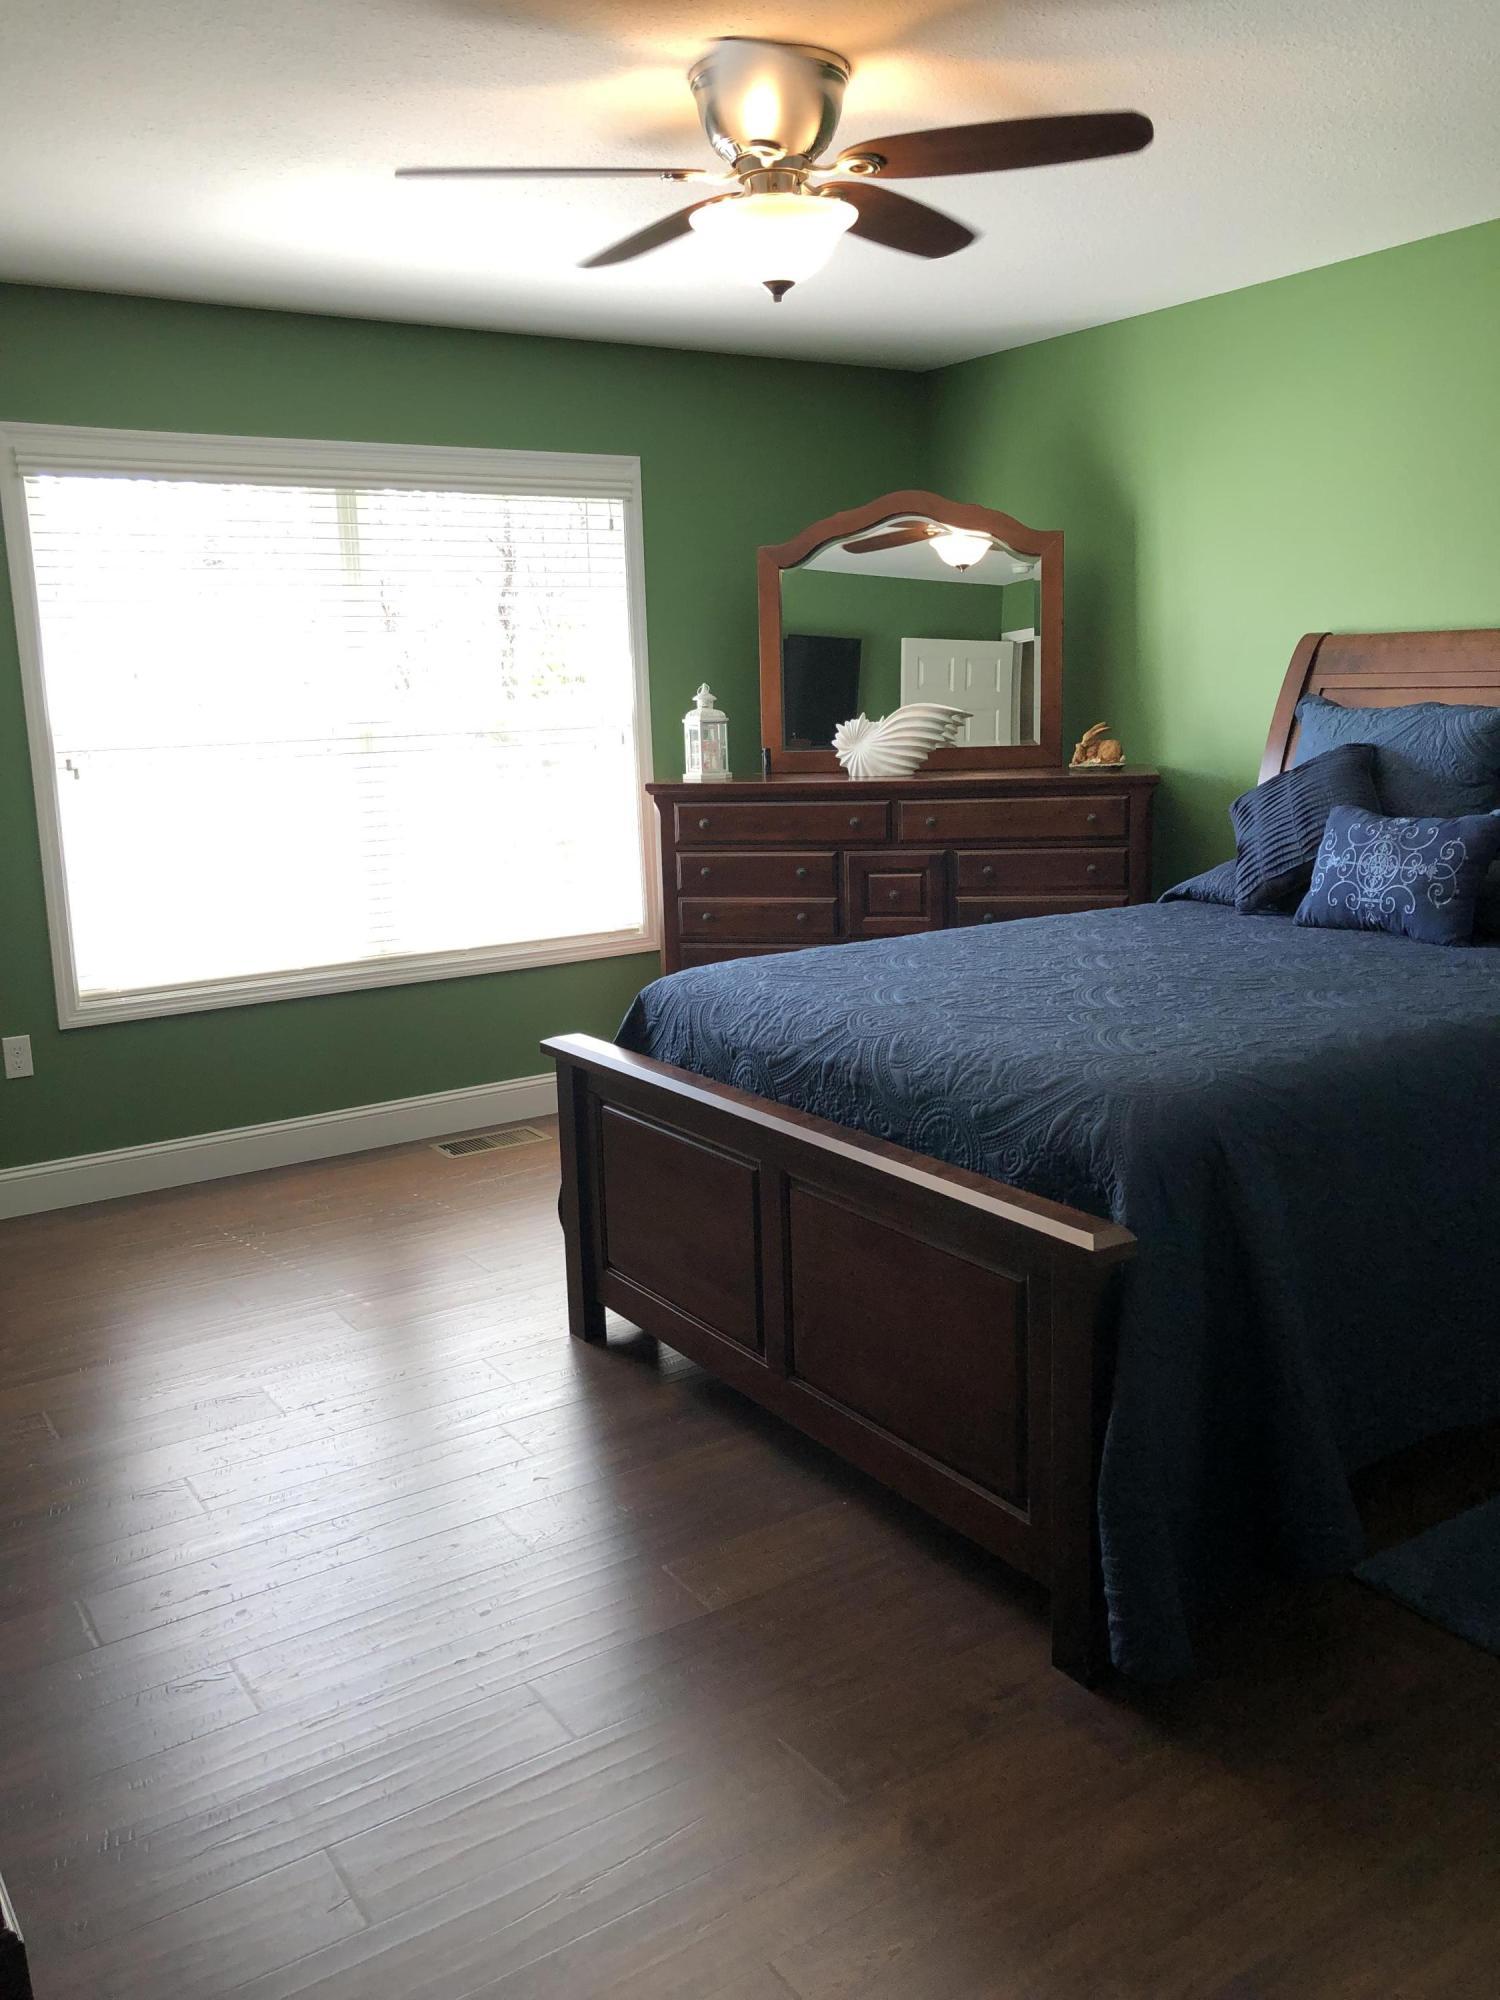 608 Cape Norris Rd: